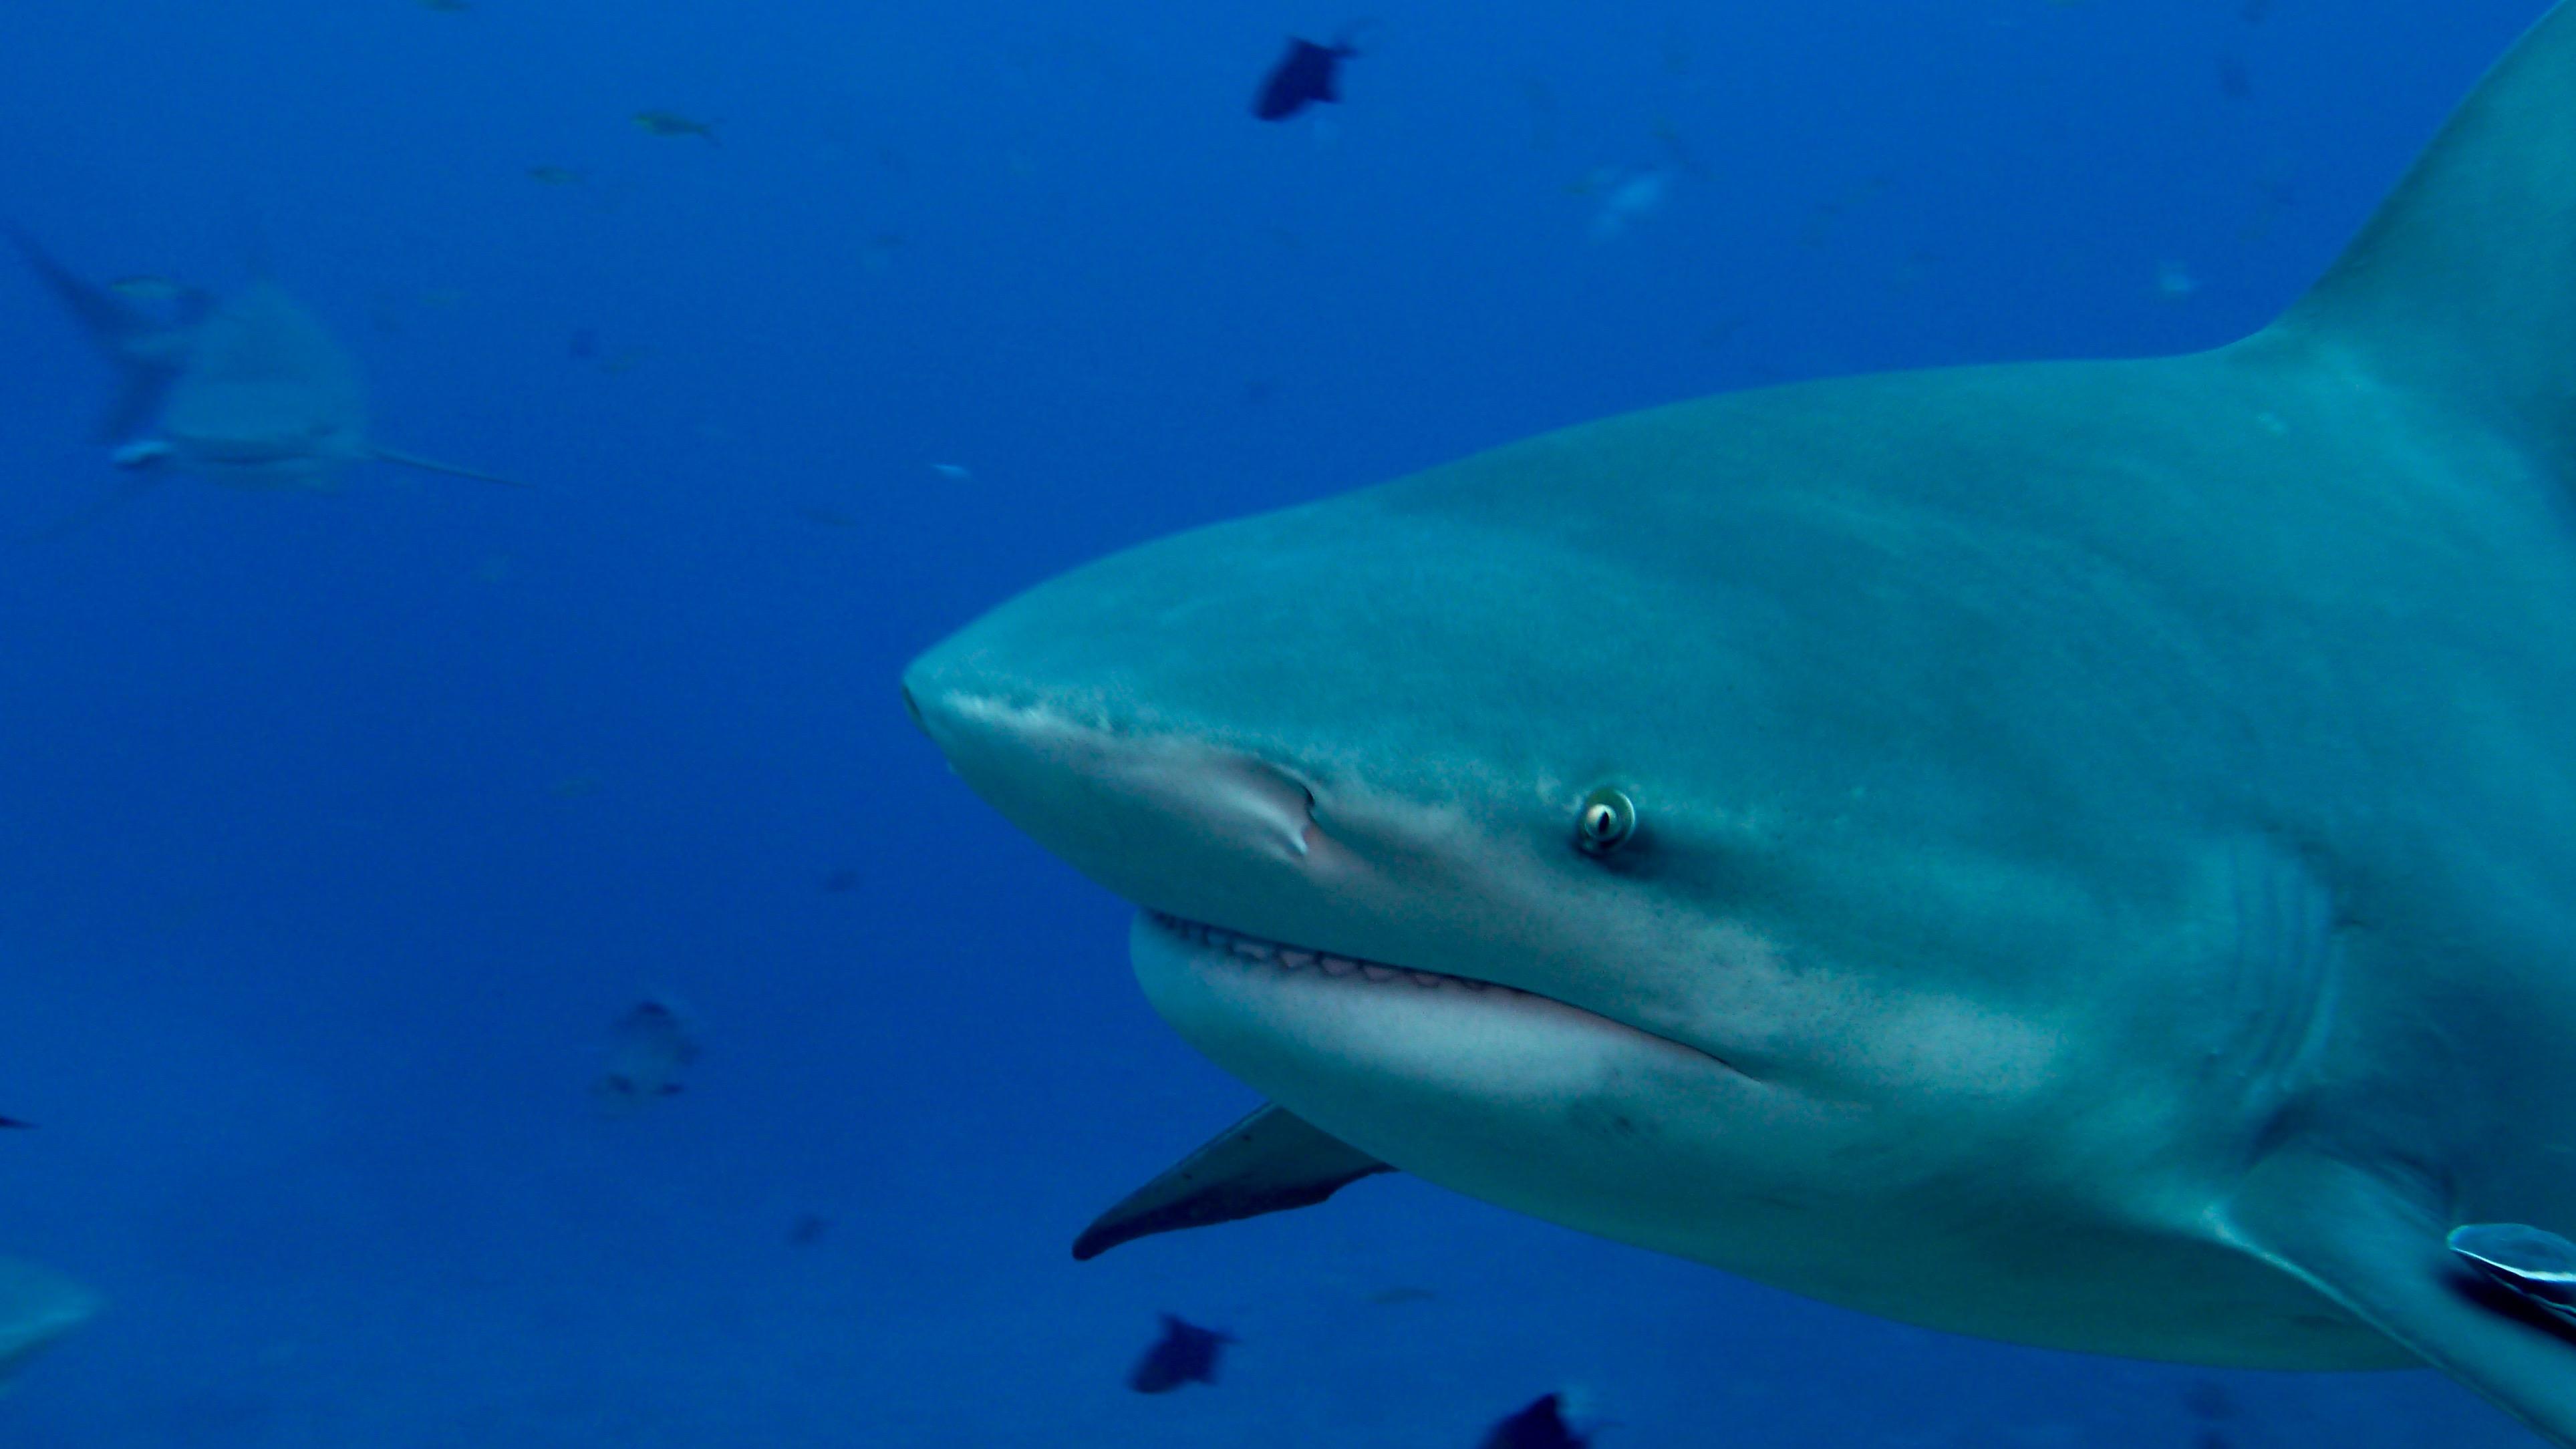 Bull Shark Profile